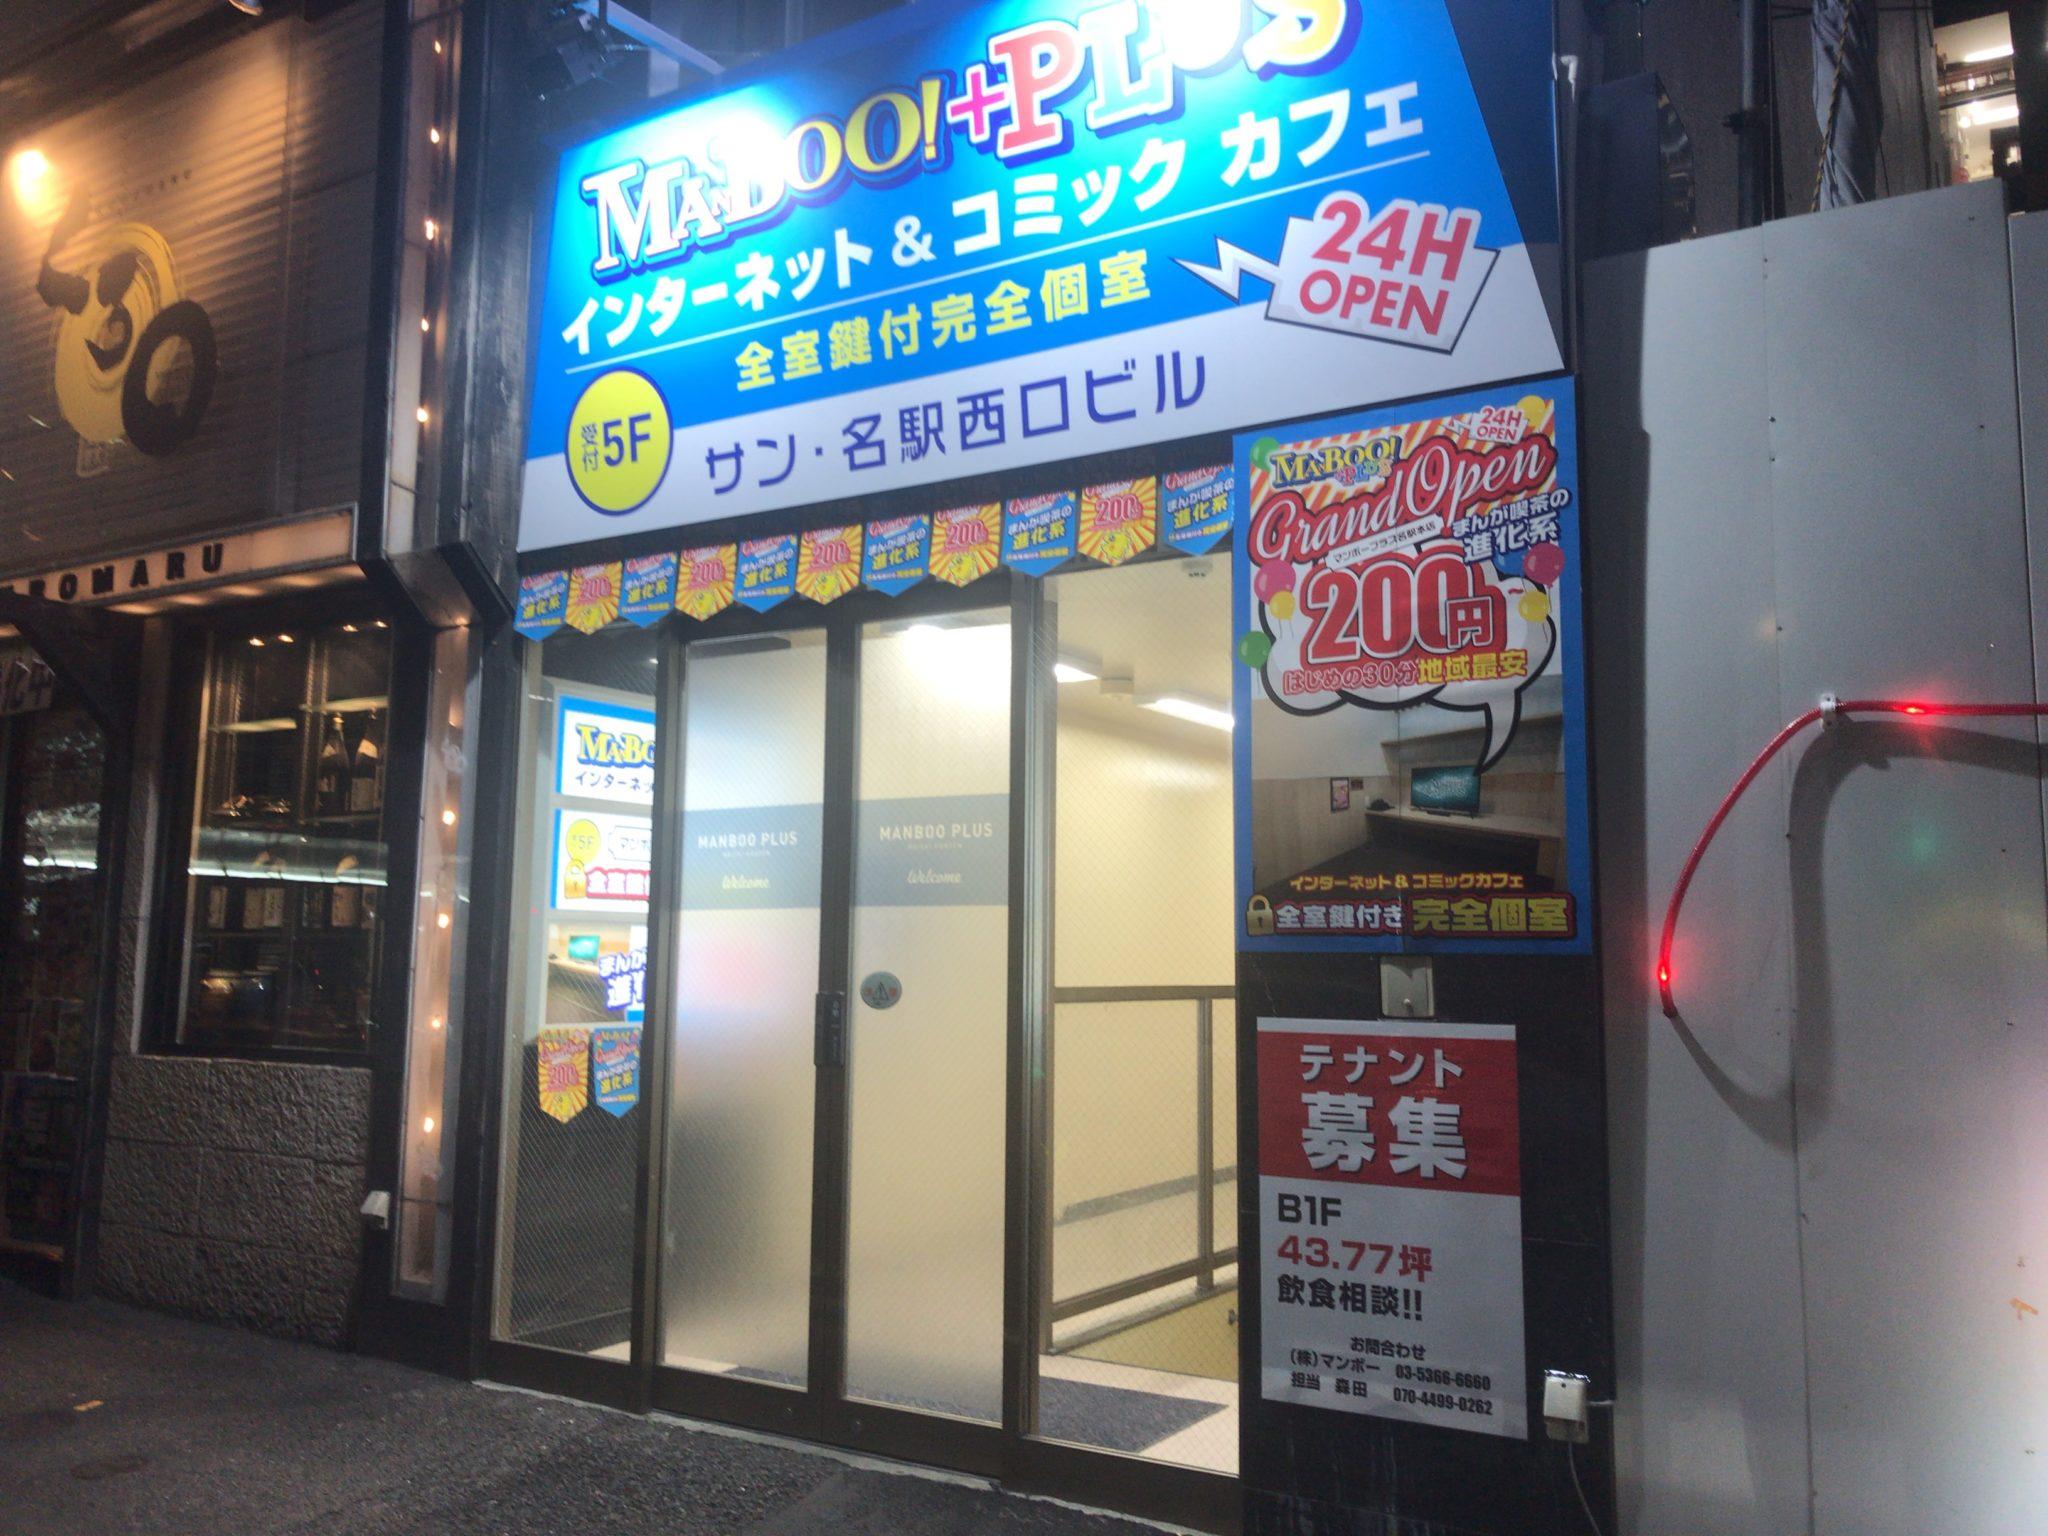 マンボー 漫画 喫茶 名古屋